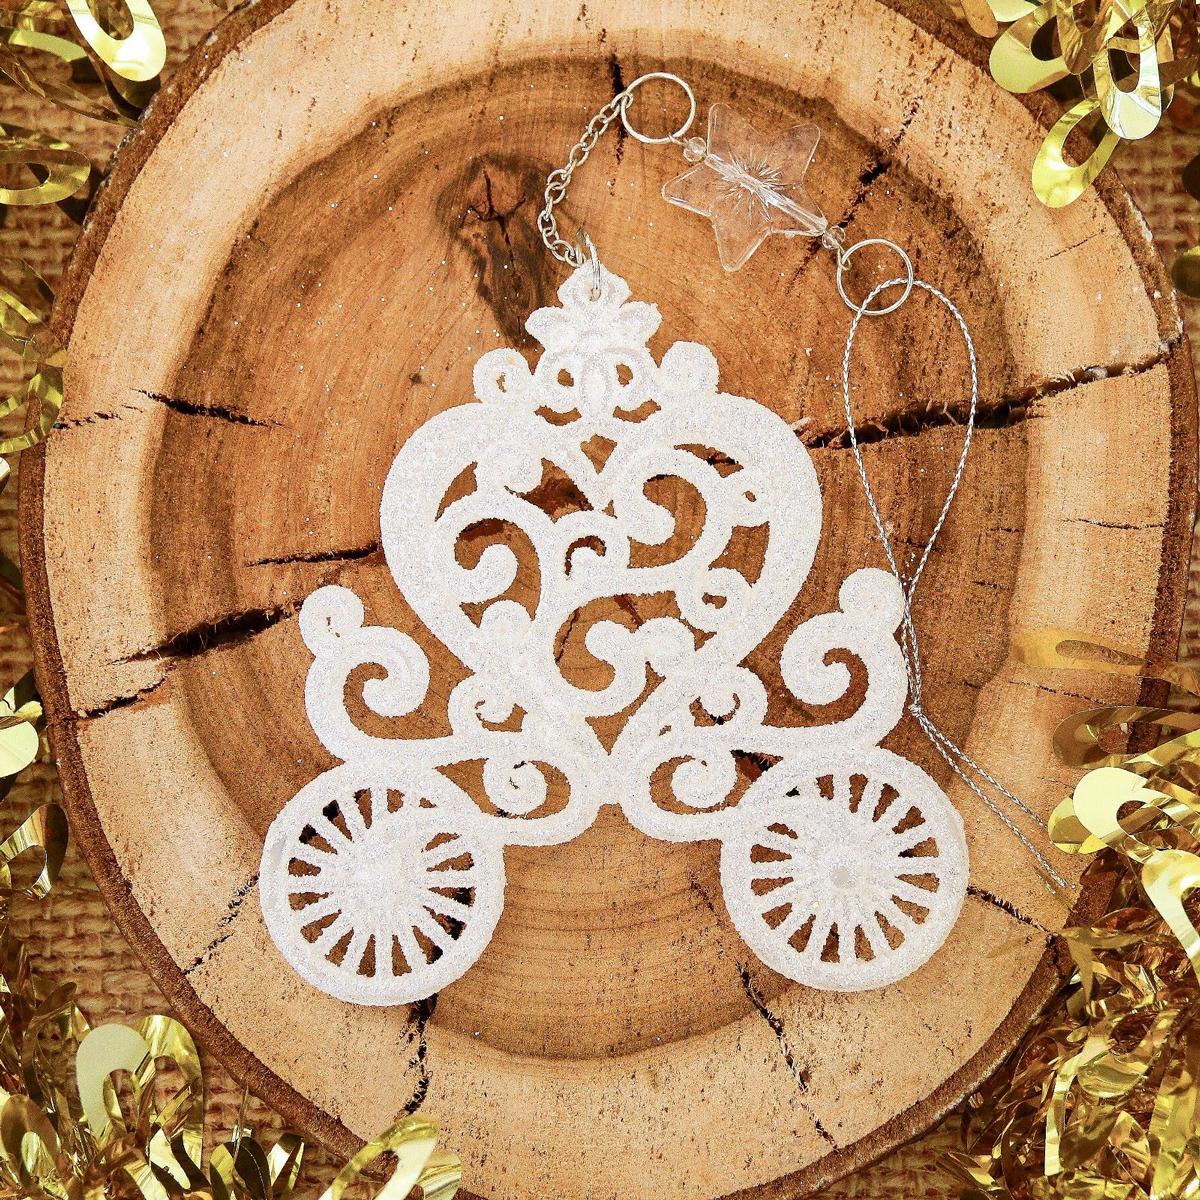 Новогоднее подвесное украшение Карета, 11 х 11 см2371451Новогоднее подвесное украшение отлично подойдет для декорации вашего дома и новогодней ели. С помощью специальной петельки украшение можно повесить в любом понравившемся вам месте. Но, конечно, удачнее всего оно будет смотреться на праздничной елке.Елочная игрушка - символ Нового года. Она несет в себе волшебство и красоту праздника. Такое украшение создаст в вашем доме атмосферу праздника, веселья и радости.